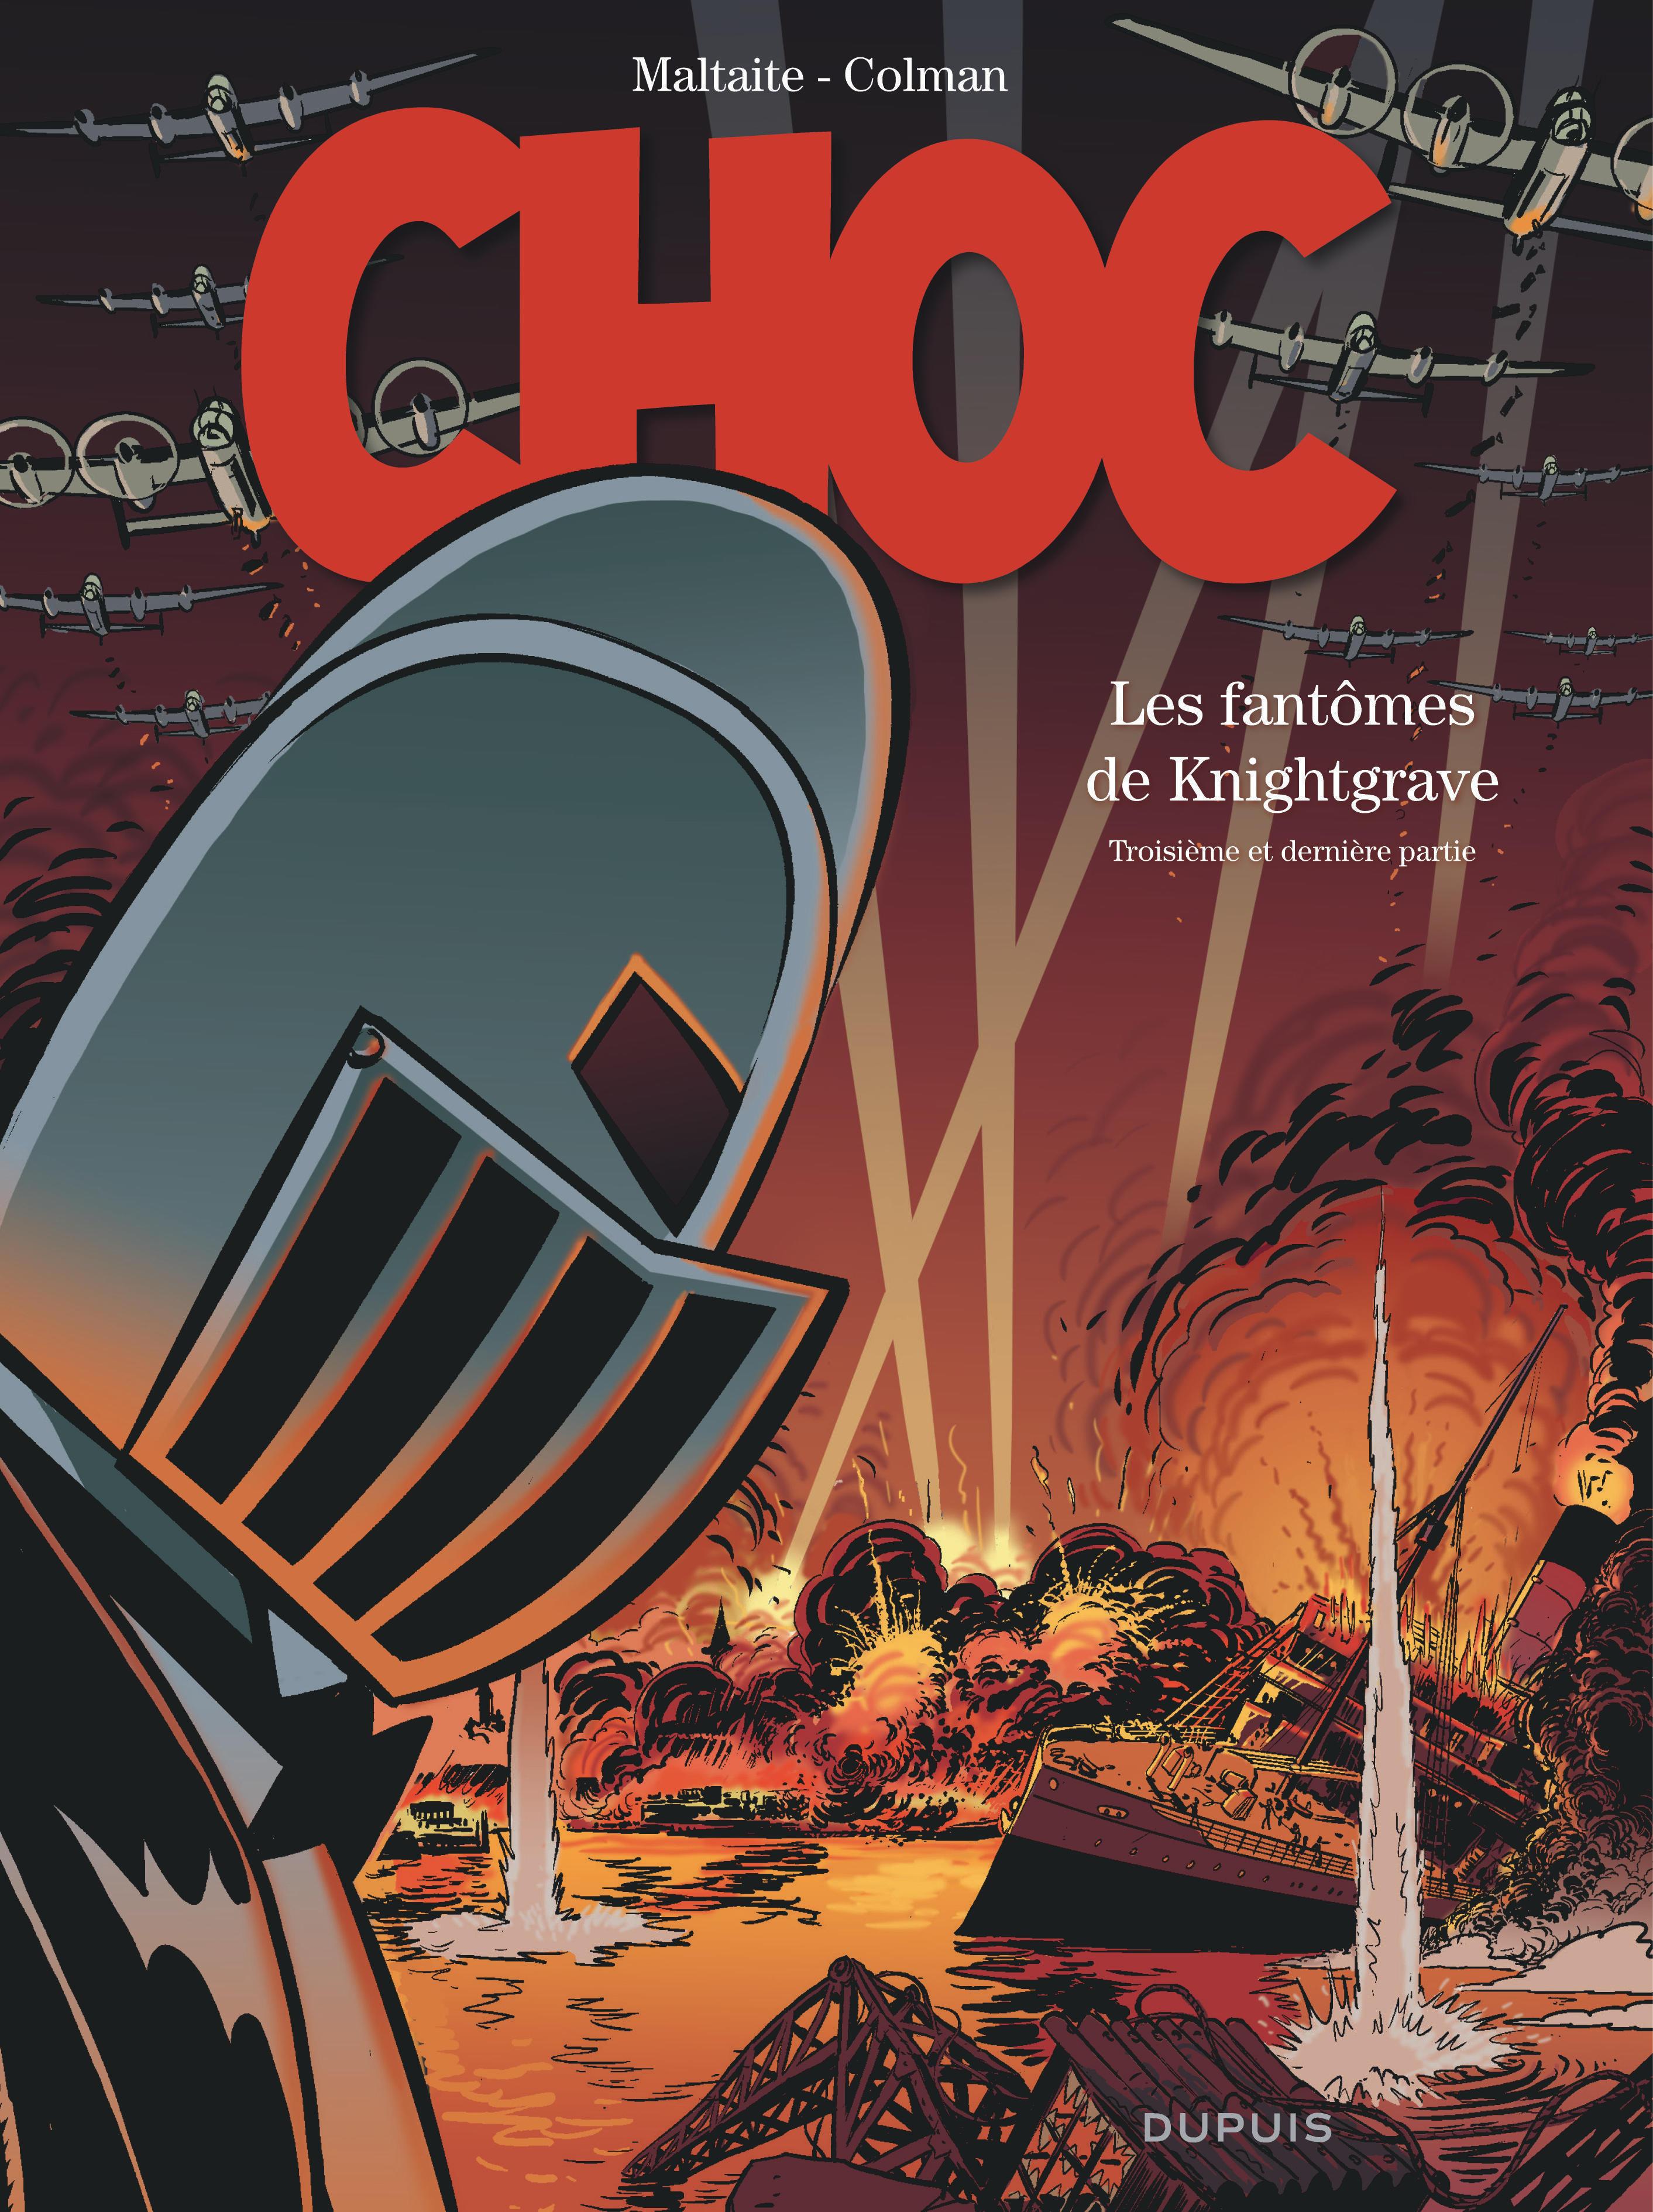 CHOC - TOME 3 - LES FANTOMES DE KNIGHTGRAVE (TROISIEME PARTIE)